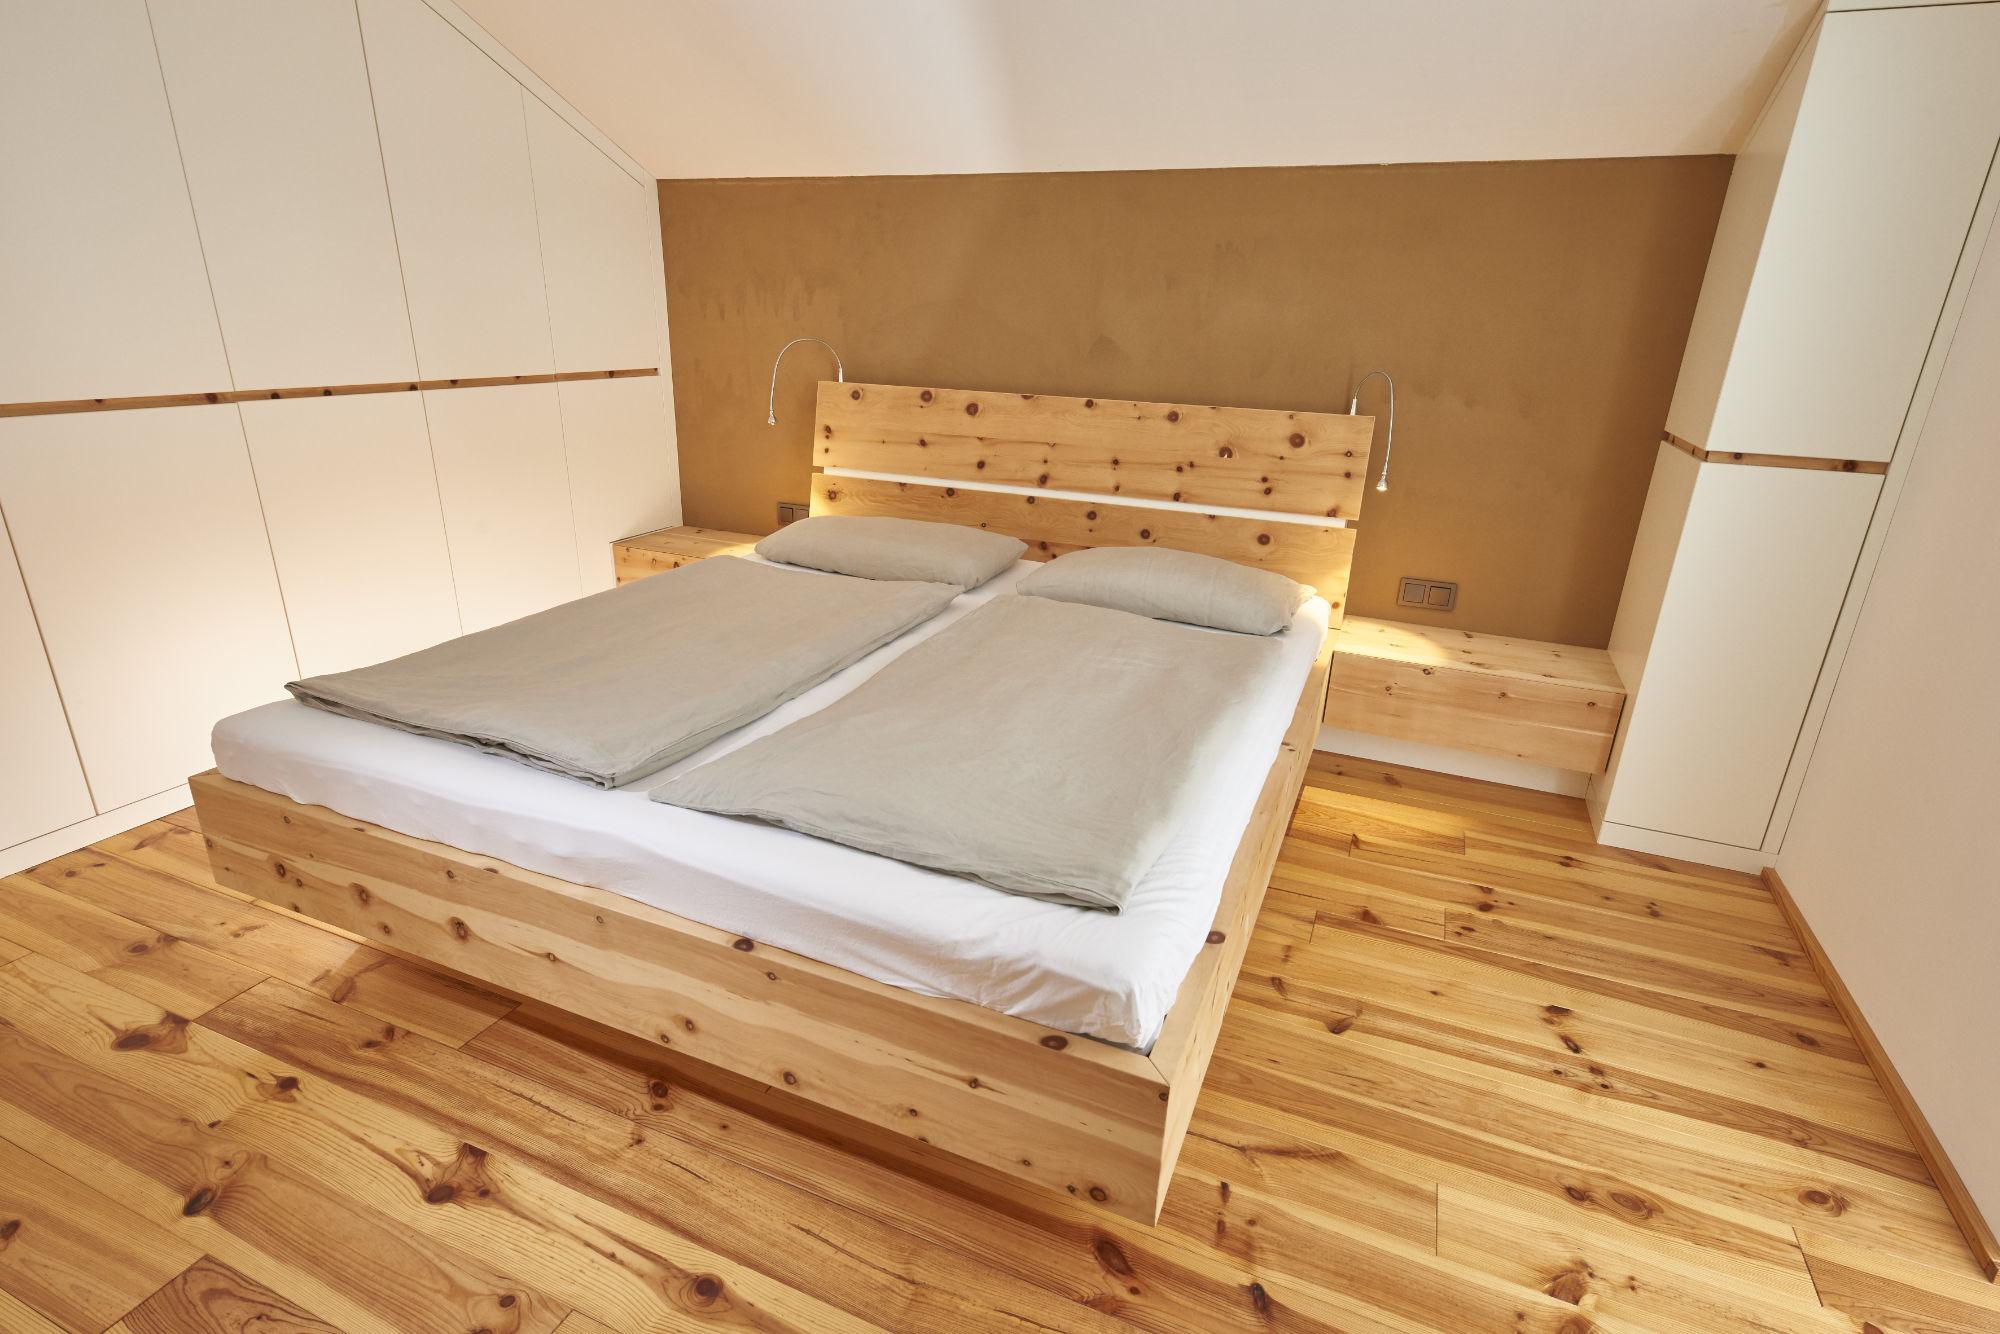 Schlafzimmer 4 - Möbel Bühler - Schorndorf